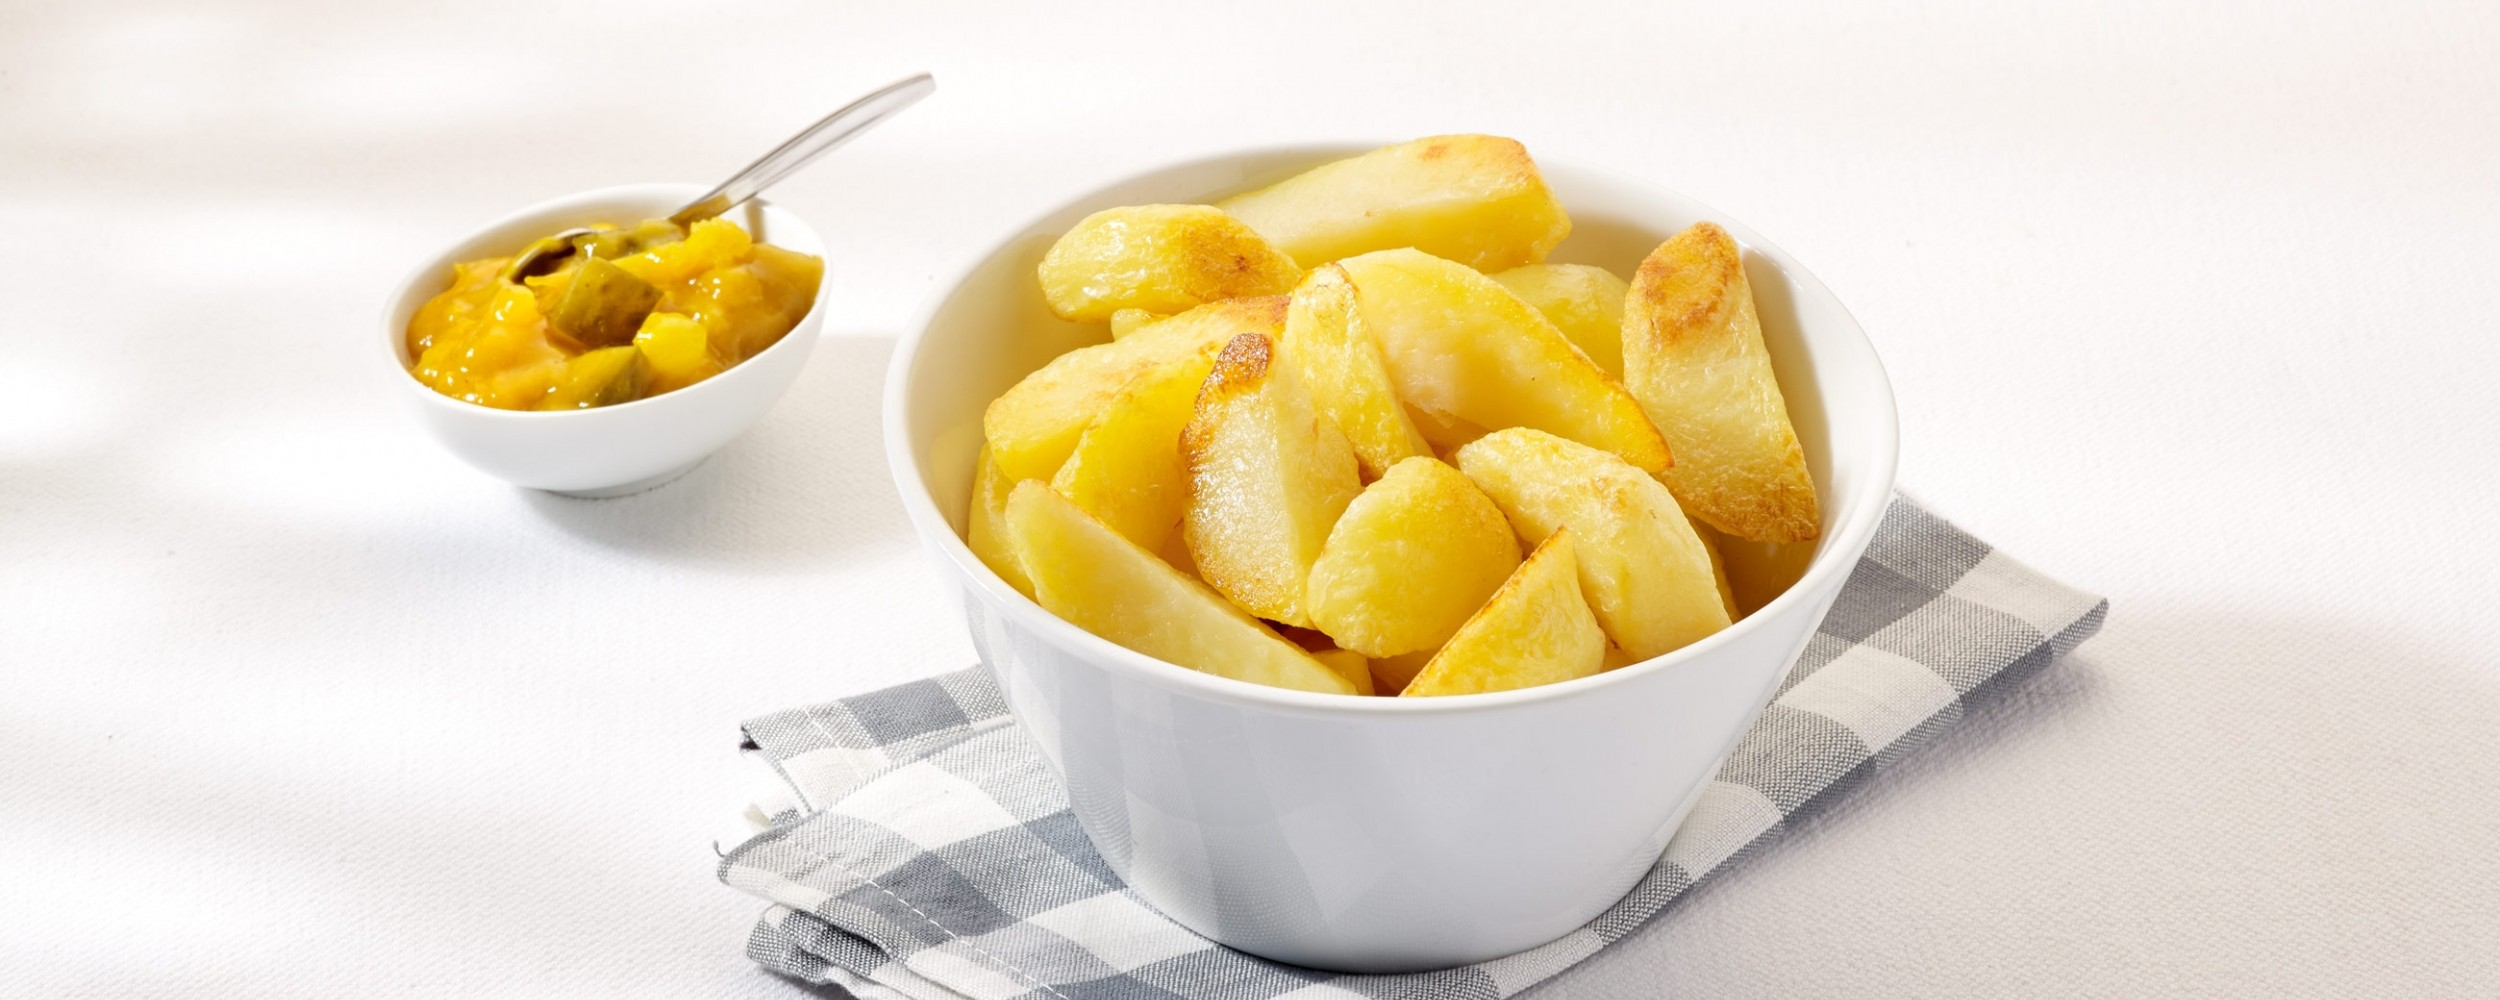 Aardappelkwartjes